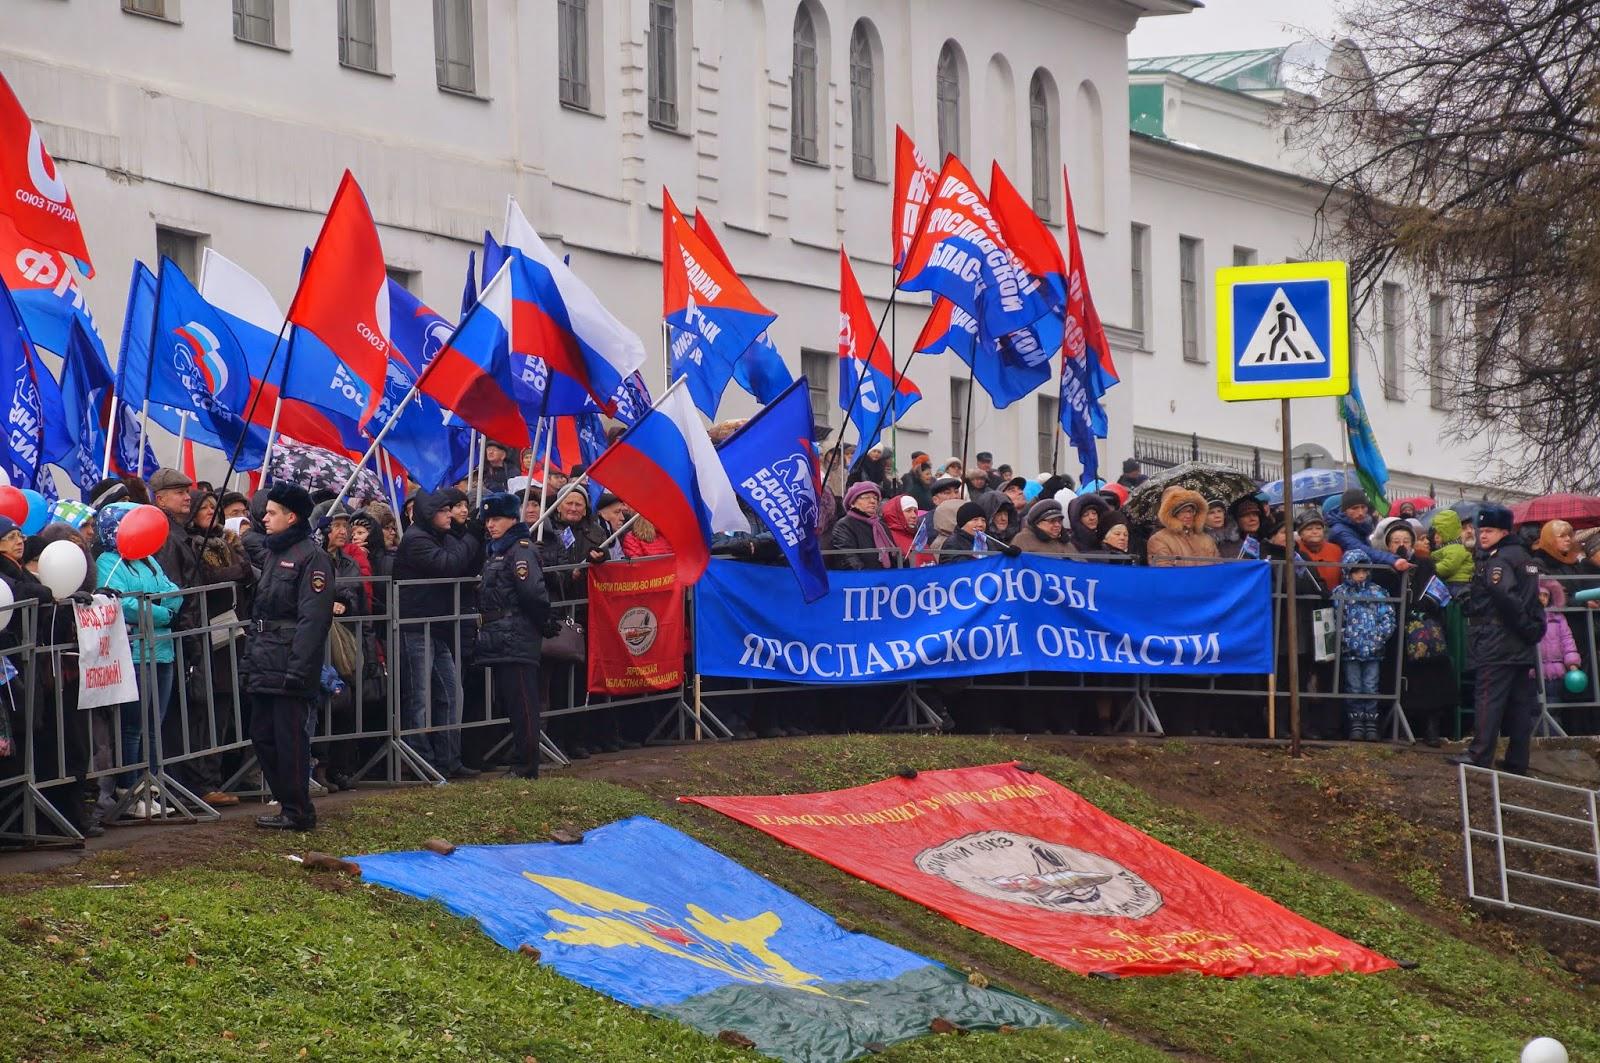 В Ярославле обсудили проблемы в профсоюзах